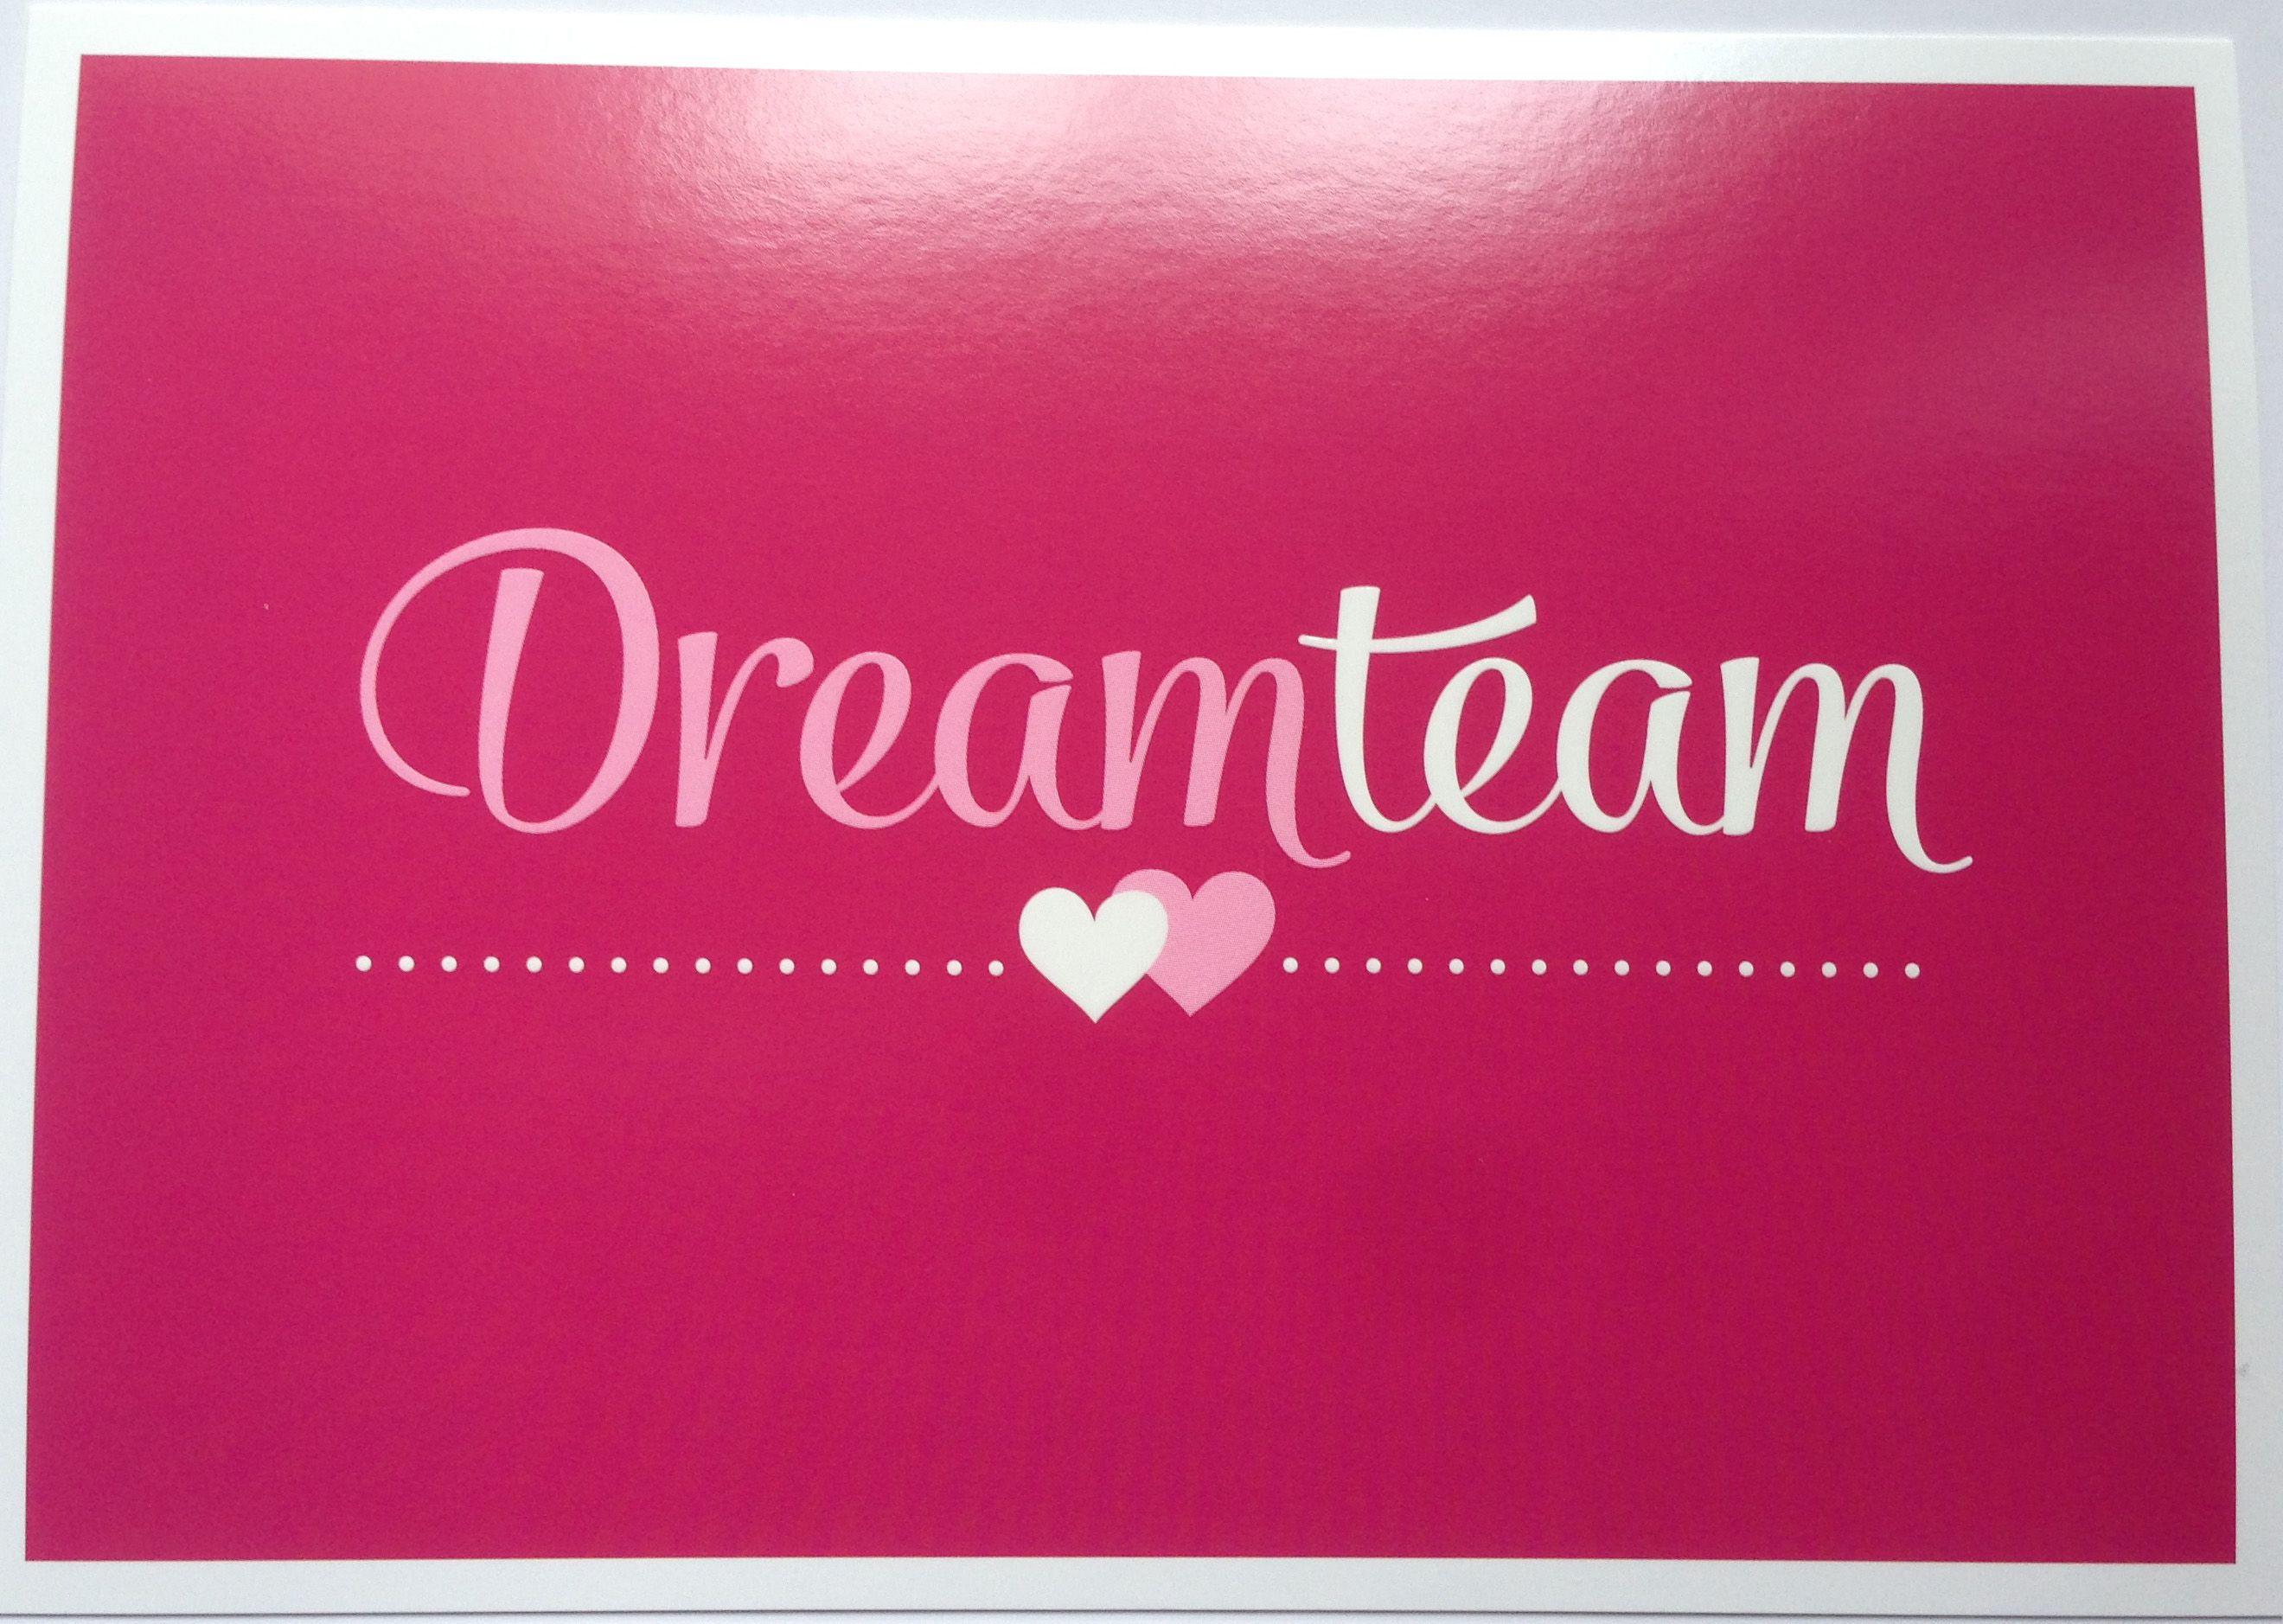 freundschaft liebe dreamteam zitate und spr che postkarten wortsch tzchen pinterest. Black Bedroom Furniture Sets. Home Design Ideas